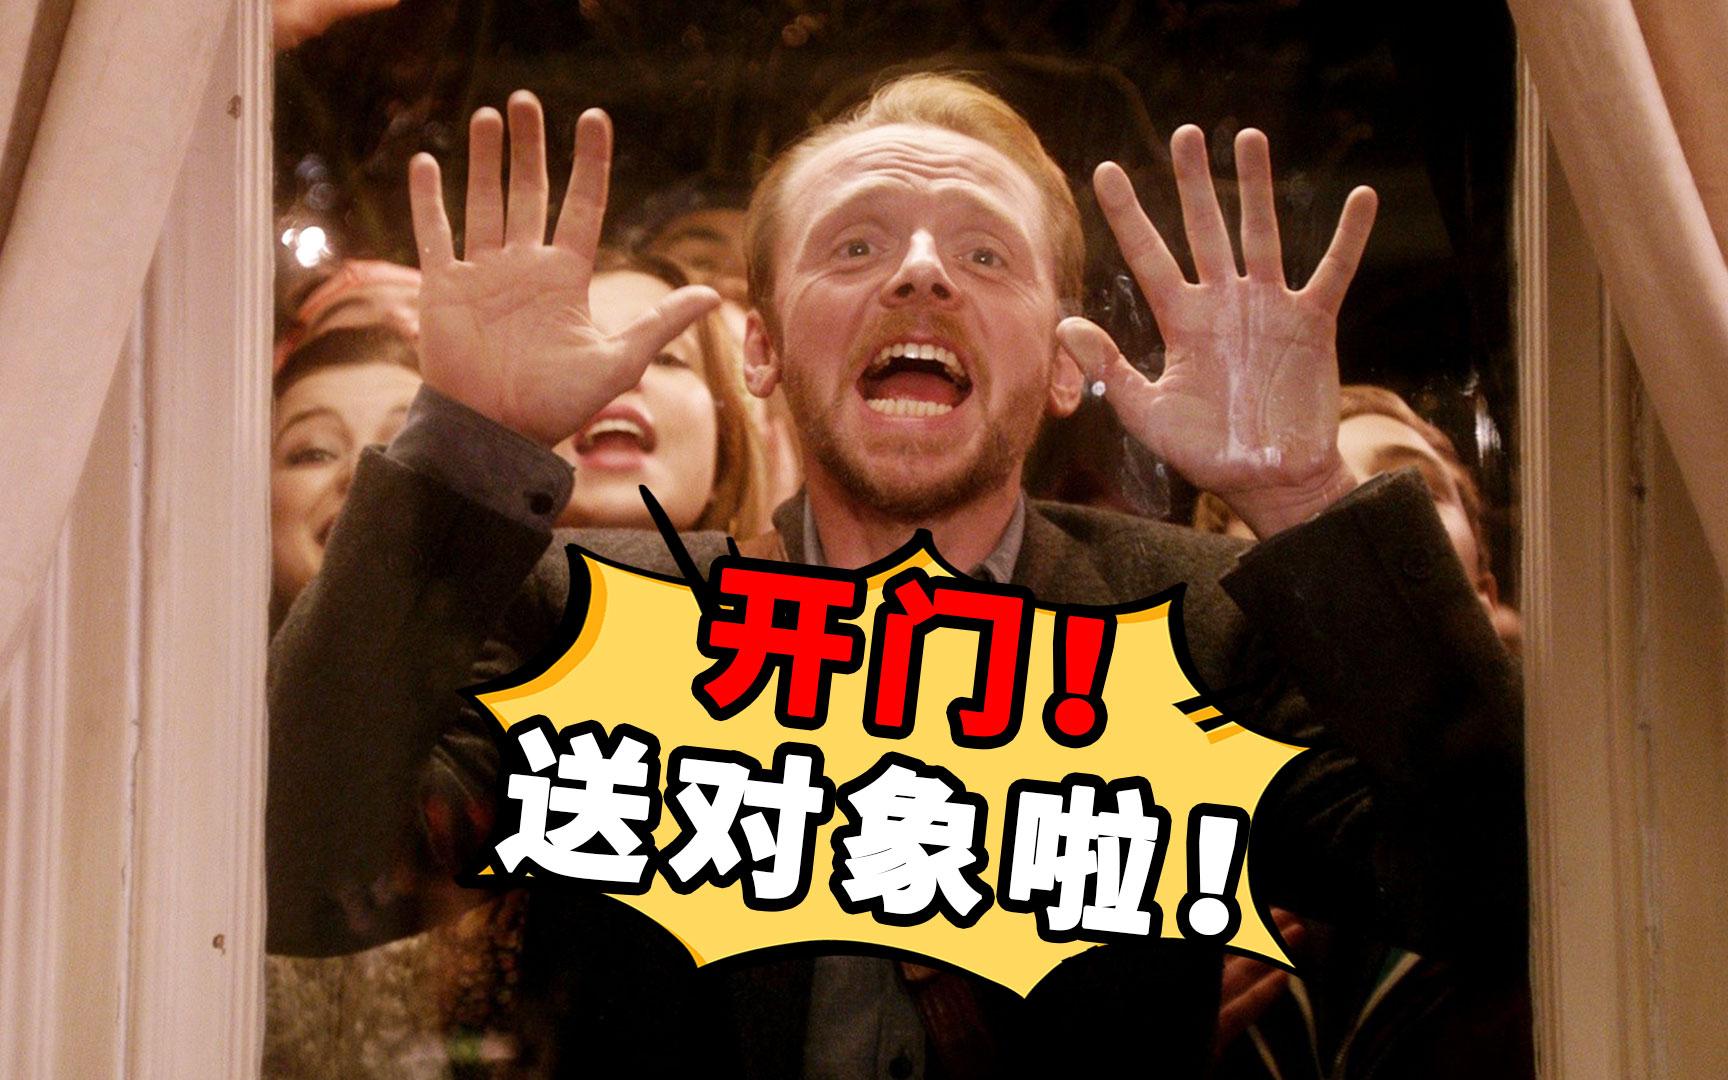 【森崎电影院】震惊!参加周年庆竟然可以脱单?【A力全开】